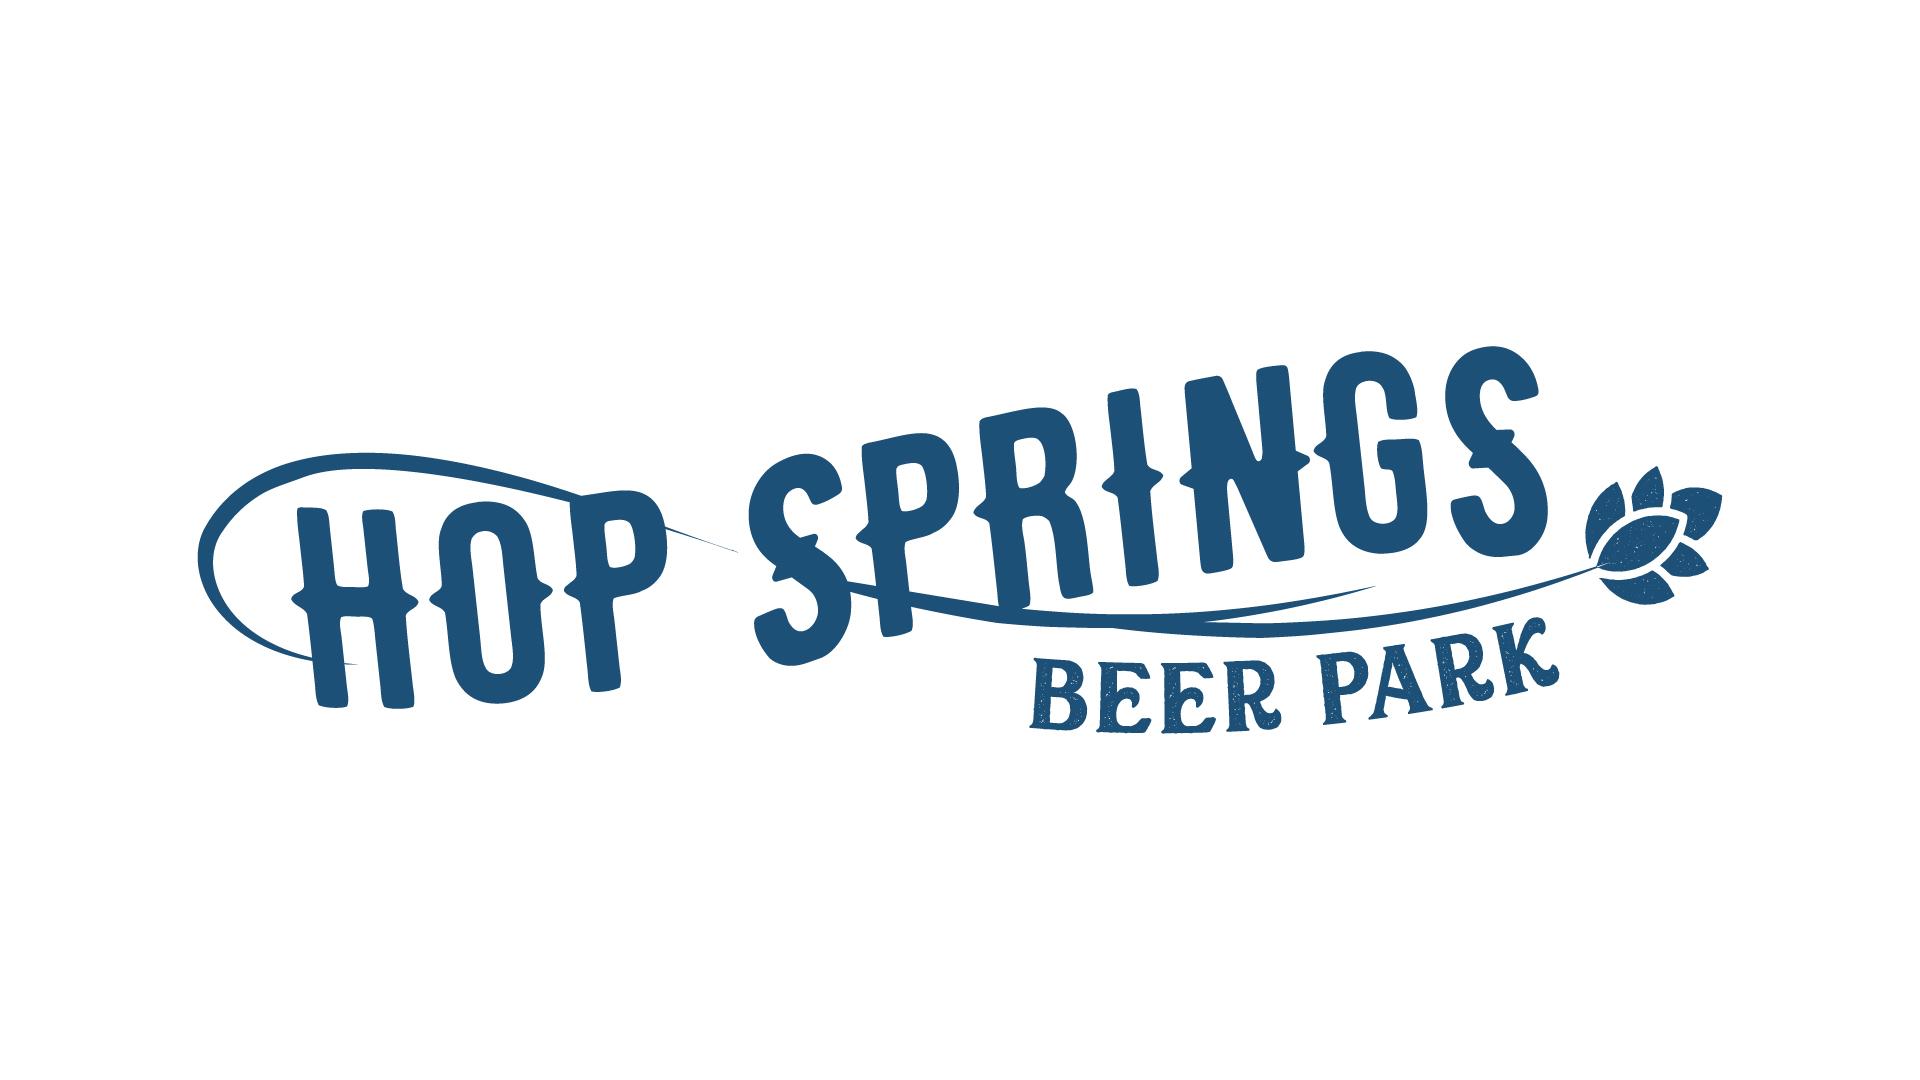 Hop Springs Beer Park